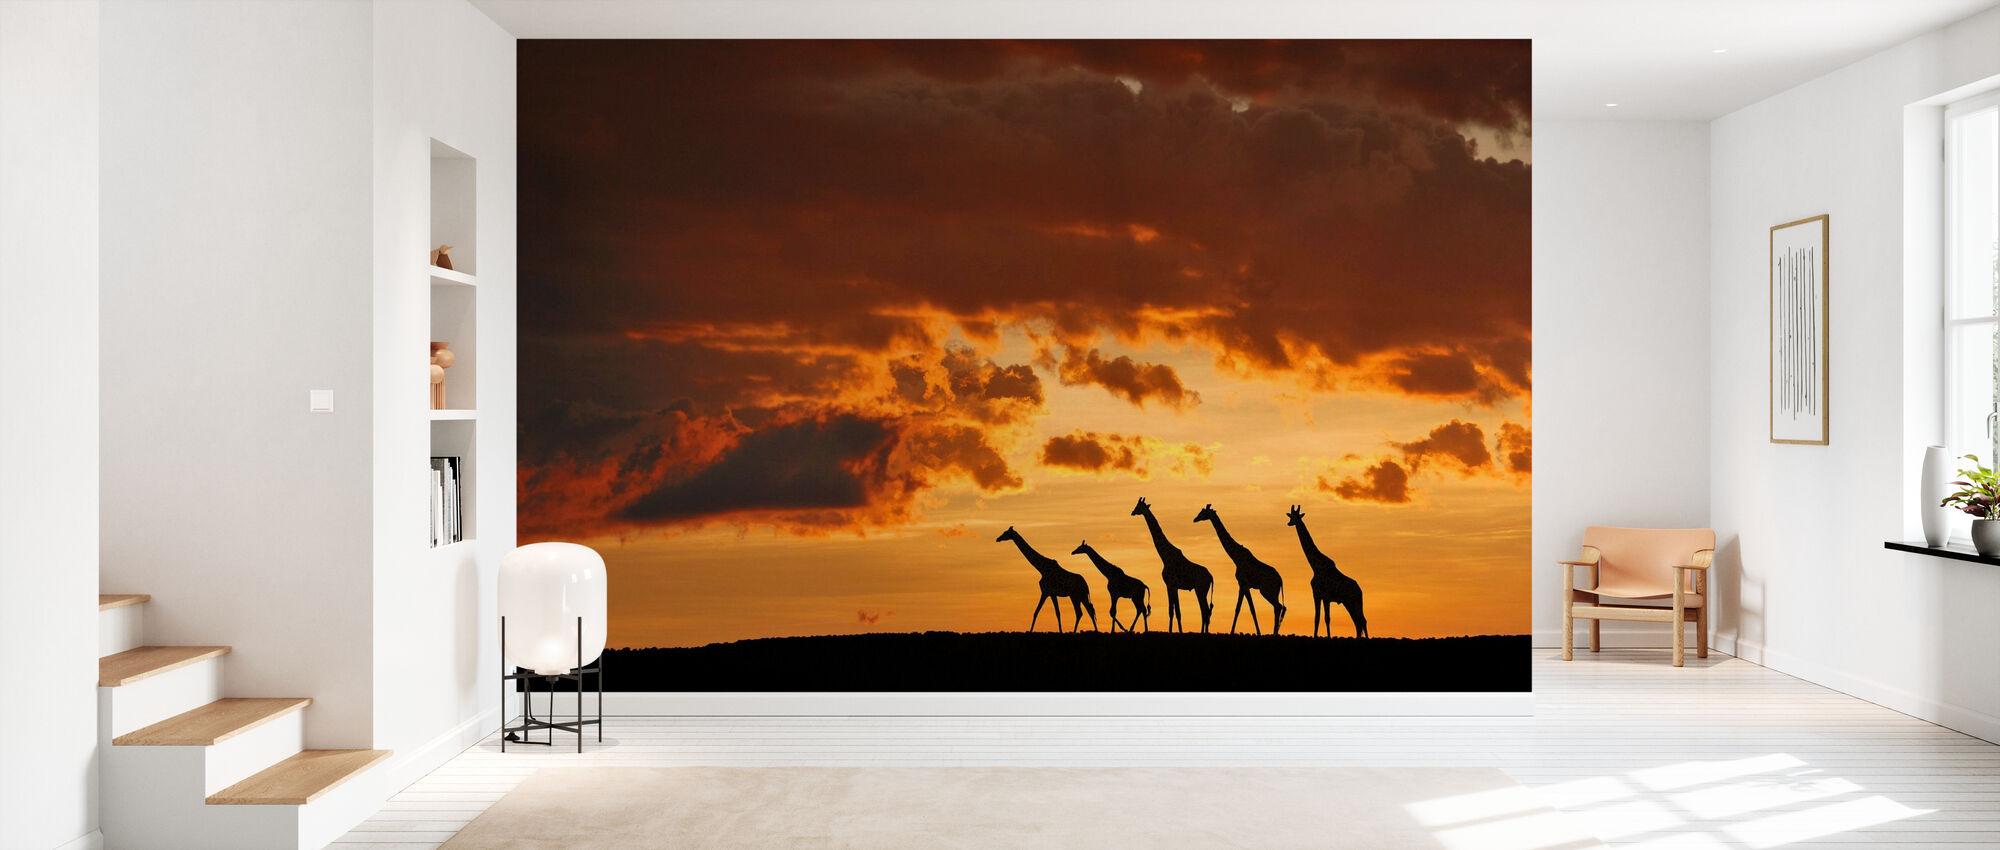 Five Giraffes - Wallpaper - Hallway